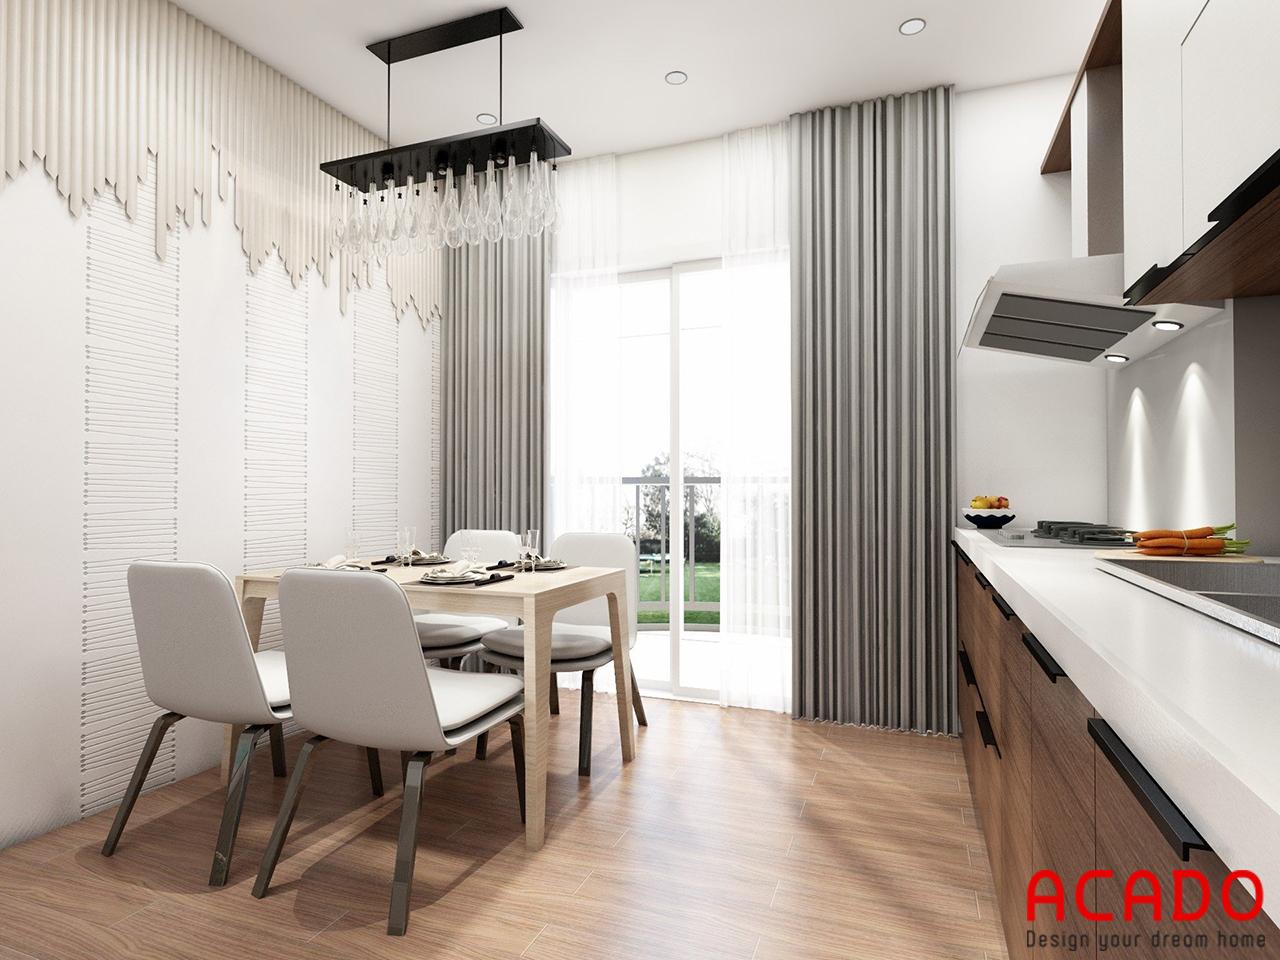 Phòng bếp bốp trí một bộ tủ bếp và bộ bàn ăn sang trọng